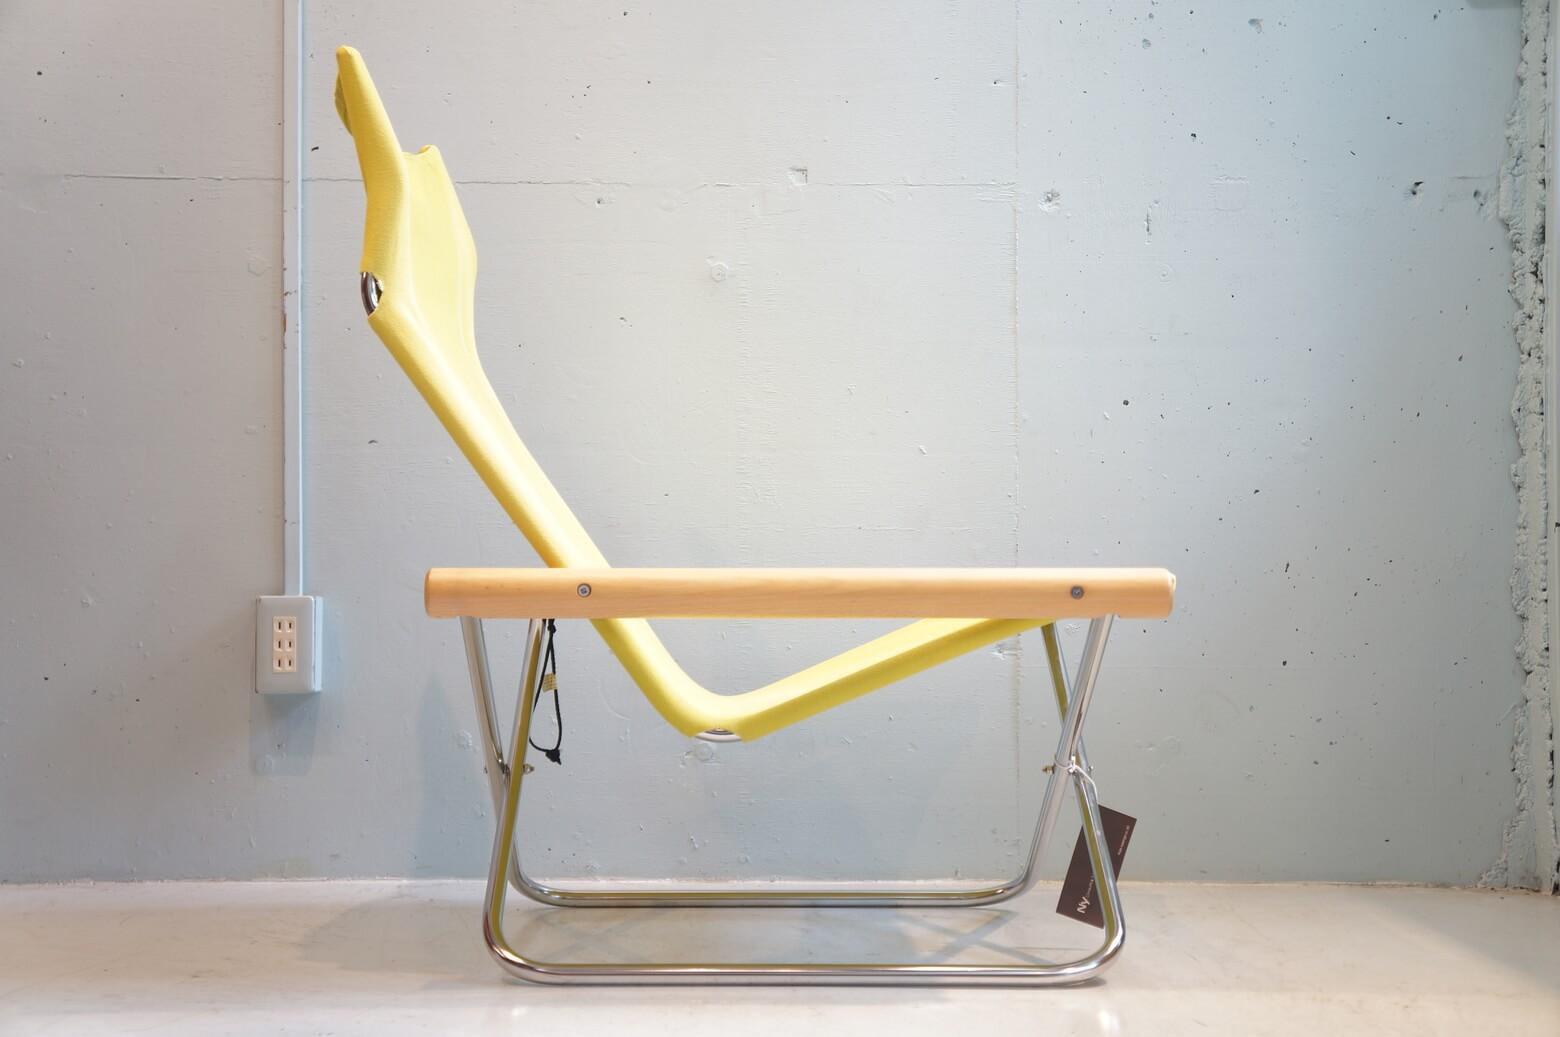 """1970年に誕生した""""世界に誇る日本の椅子""""、Ny Chair/ニーチェア。 """"Ny/ニー""""という名前は、このチェアを生み出したデザイナー新居猛氏の名前とデンマーク語の""""新しい""""という意味の言葉""""Ny""""に由来しています。 座面の高さ、背もたれの角度など全てが人間工学に基づいて設計されており、包み込まれるような快適な座り心地をたった畳一畳ほどのスペースで実現するパーソナルチェアです。 シートに日焼け、色抜けしている箇所がございます。 また、細かなキズやスレがございますが、大きなダメージはございません。 ニーチェアの特徴は座り心地だけではなく、簡単に折りたためること。 折りたたむと横幅は約15cmにまでコンパクトになります。 お部屋の中の移動も楽ですし、ピクニックやキャンプなど外に持ち出すこともできます♪ ※こちらのニーチェアはリプロダクト品になります。 ~【東京都杉並区阿佐ヶ谷北アンティークショップ 古一】 古一/ふるいちでは出張無料買取も行っております。杉並区周辺はもちろん、世田谷区・目黒区・武蔵野市・新宿区等の東京近郊のお見積もりも!ビンテージ家具・インテリア雑貨・ランプ・USED品・ リサイクルなら古一/フルイチへ~"""